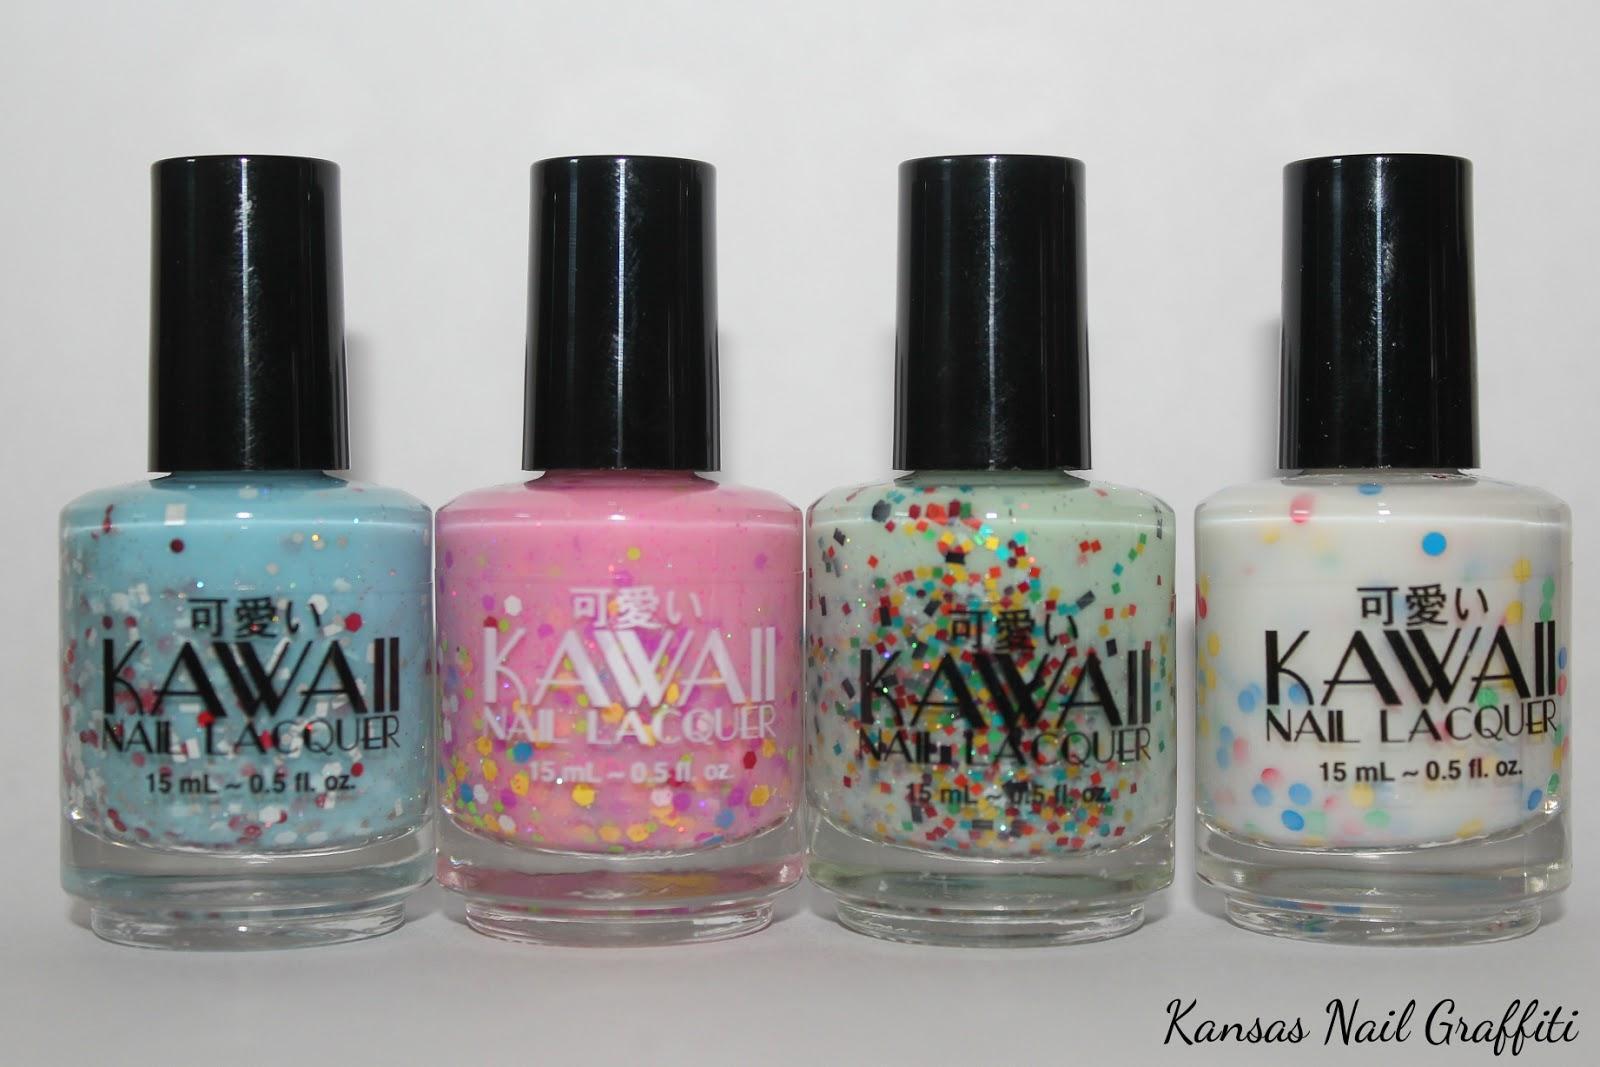 Makeup & Nail Graffiti: Kawaii Nail Lacquer Board Game collection